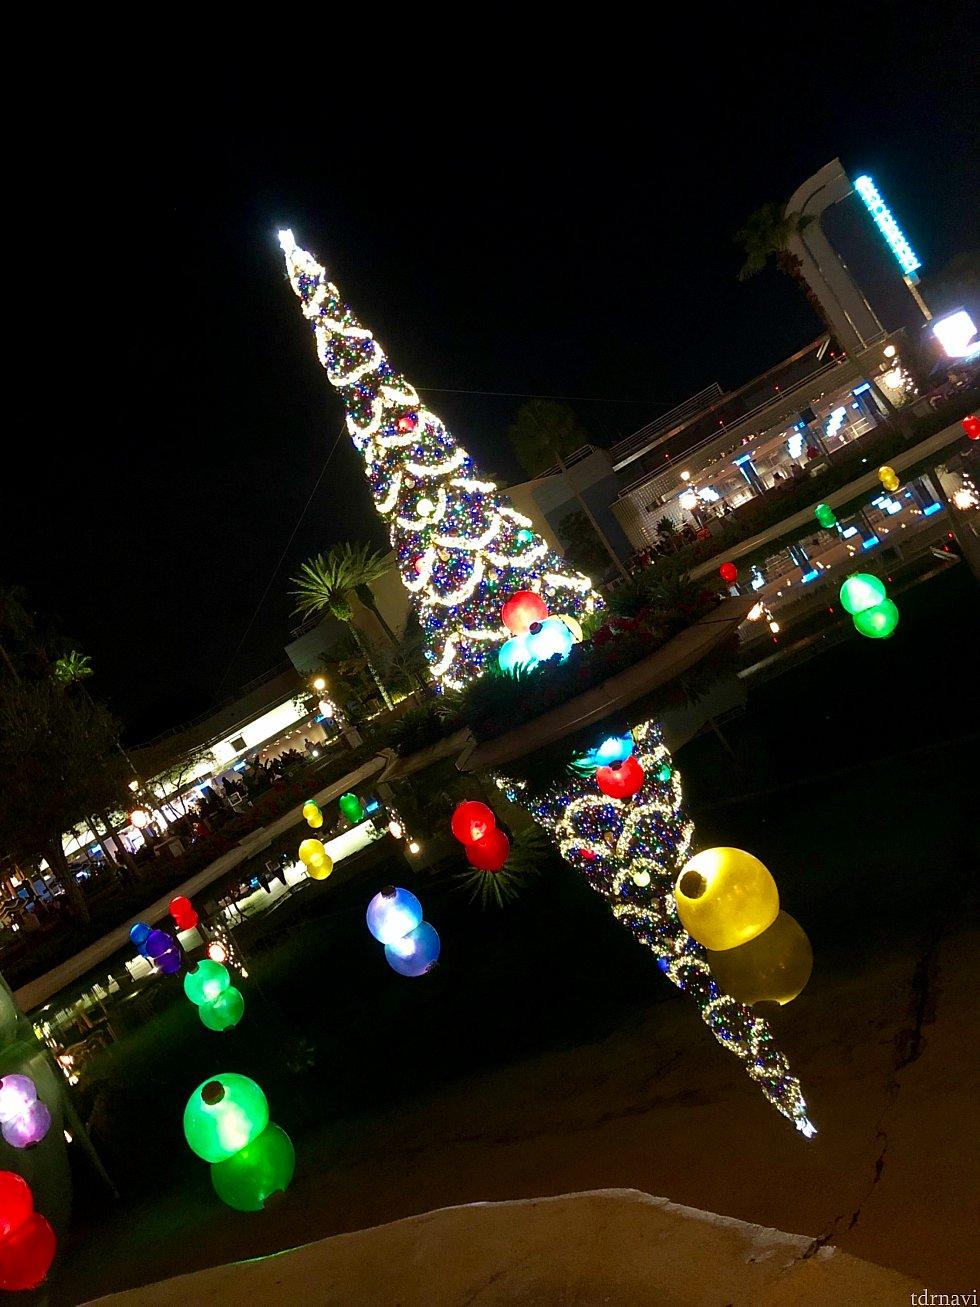 クリスマスツリーは何処にあるのかと言うと、インディージョーンズのスタントショーの目の前のエコレイクの中に。フォトパス専用の撮影エリアが人気で、ゲスト達が列を作っていました。